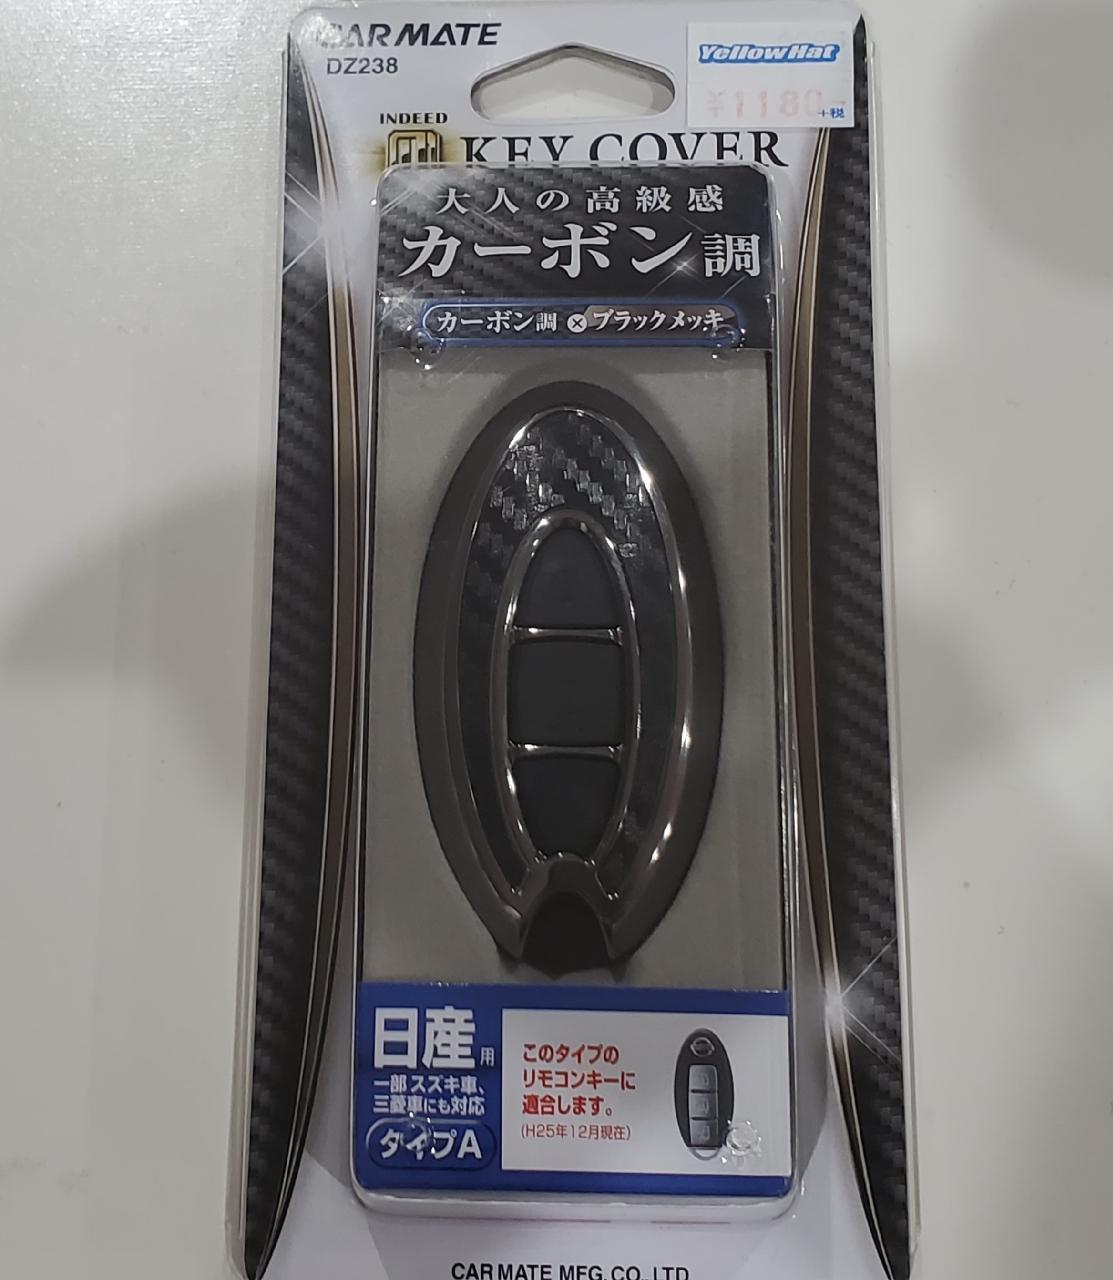 CAR MATE / カーメイト キーカバー 日産用A カーボン調ブラックメッキ / DZ238